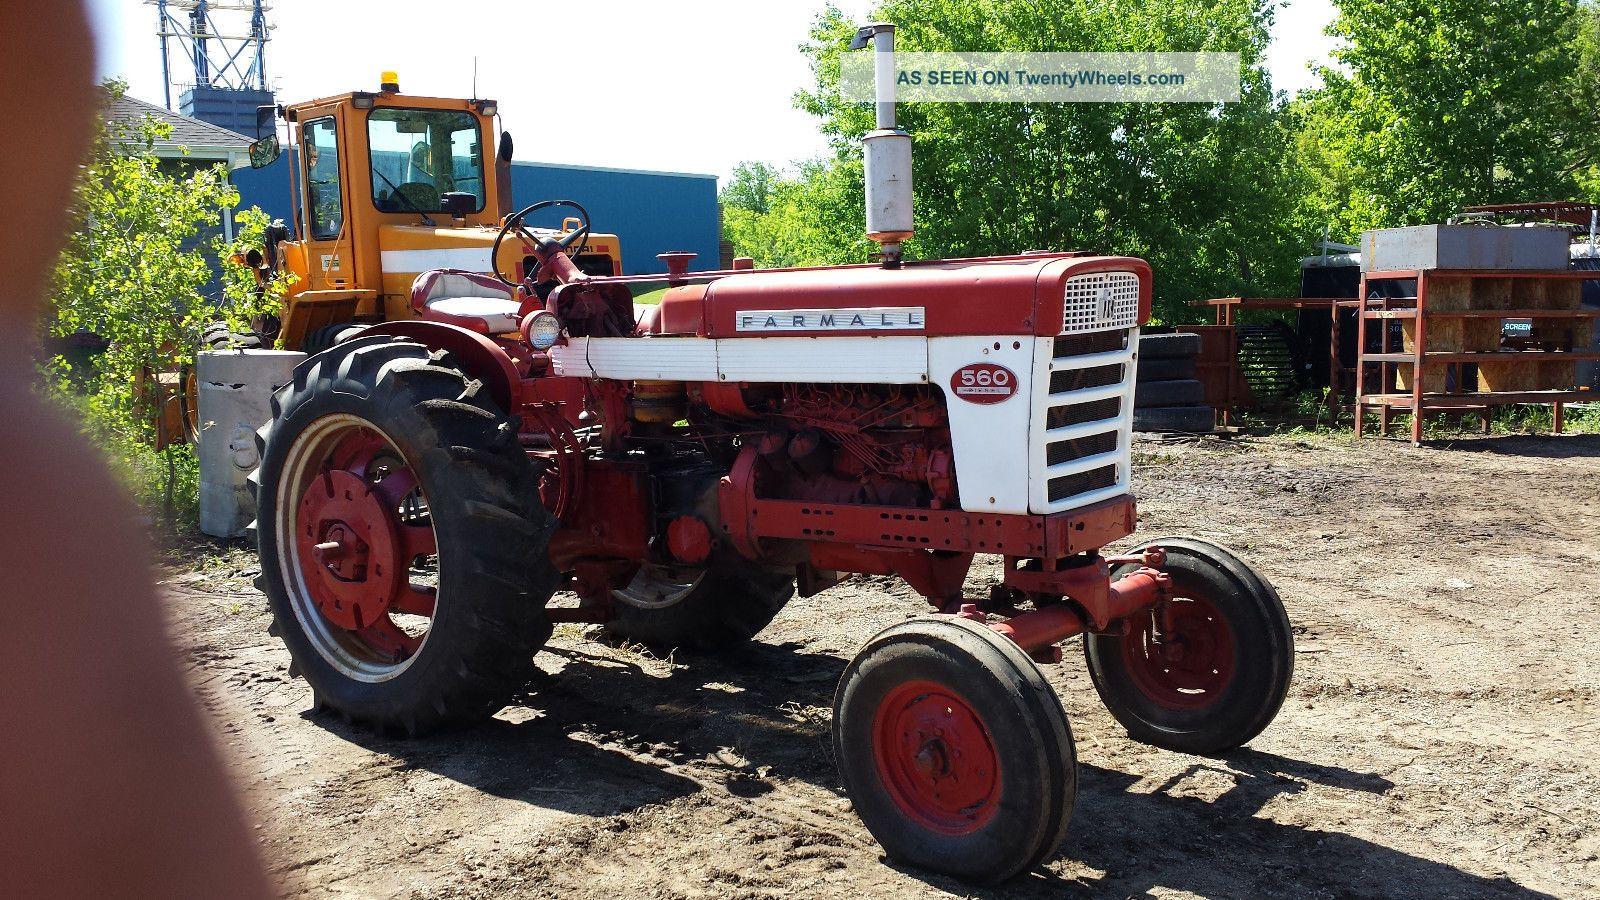 Farmall 560 Tractor : Farmall tractor diesel wide axle